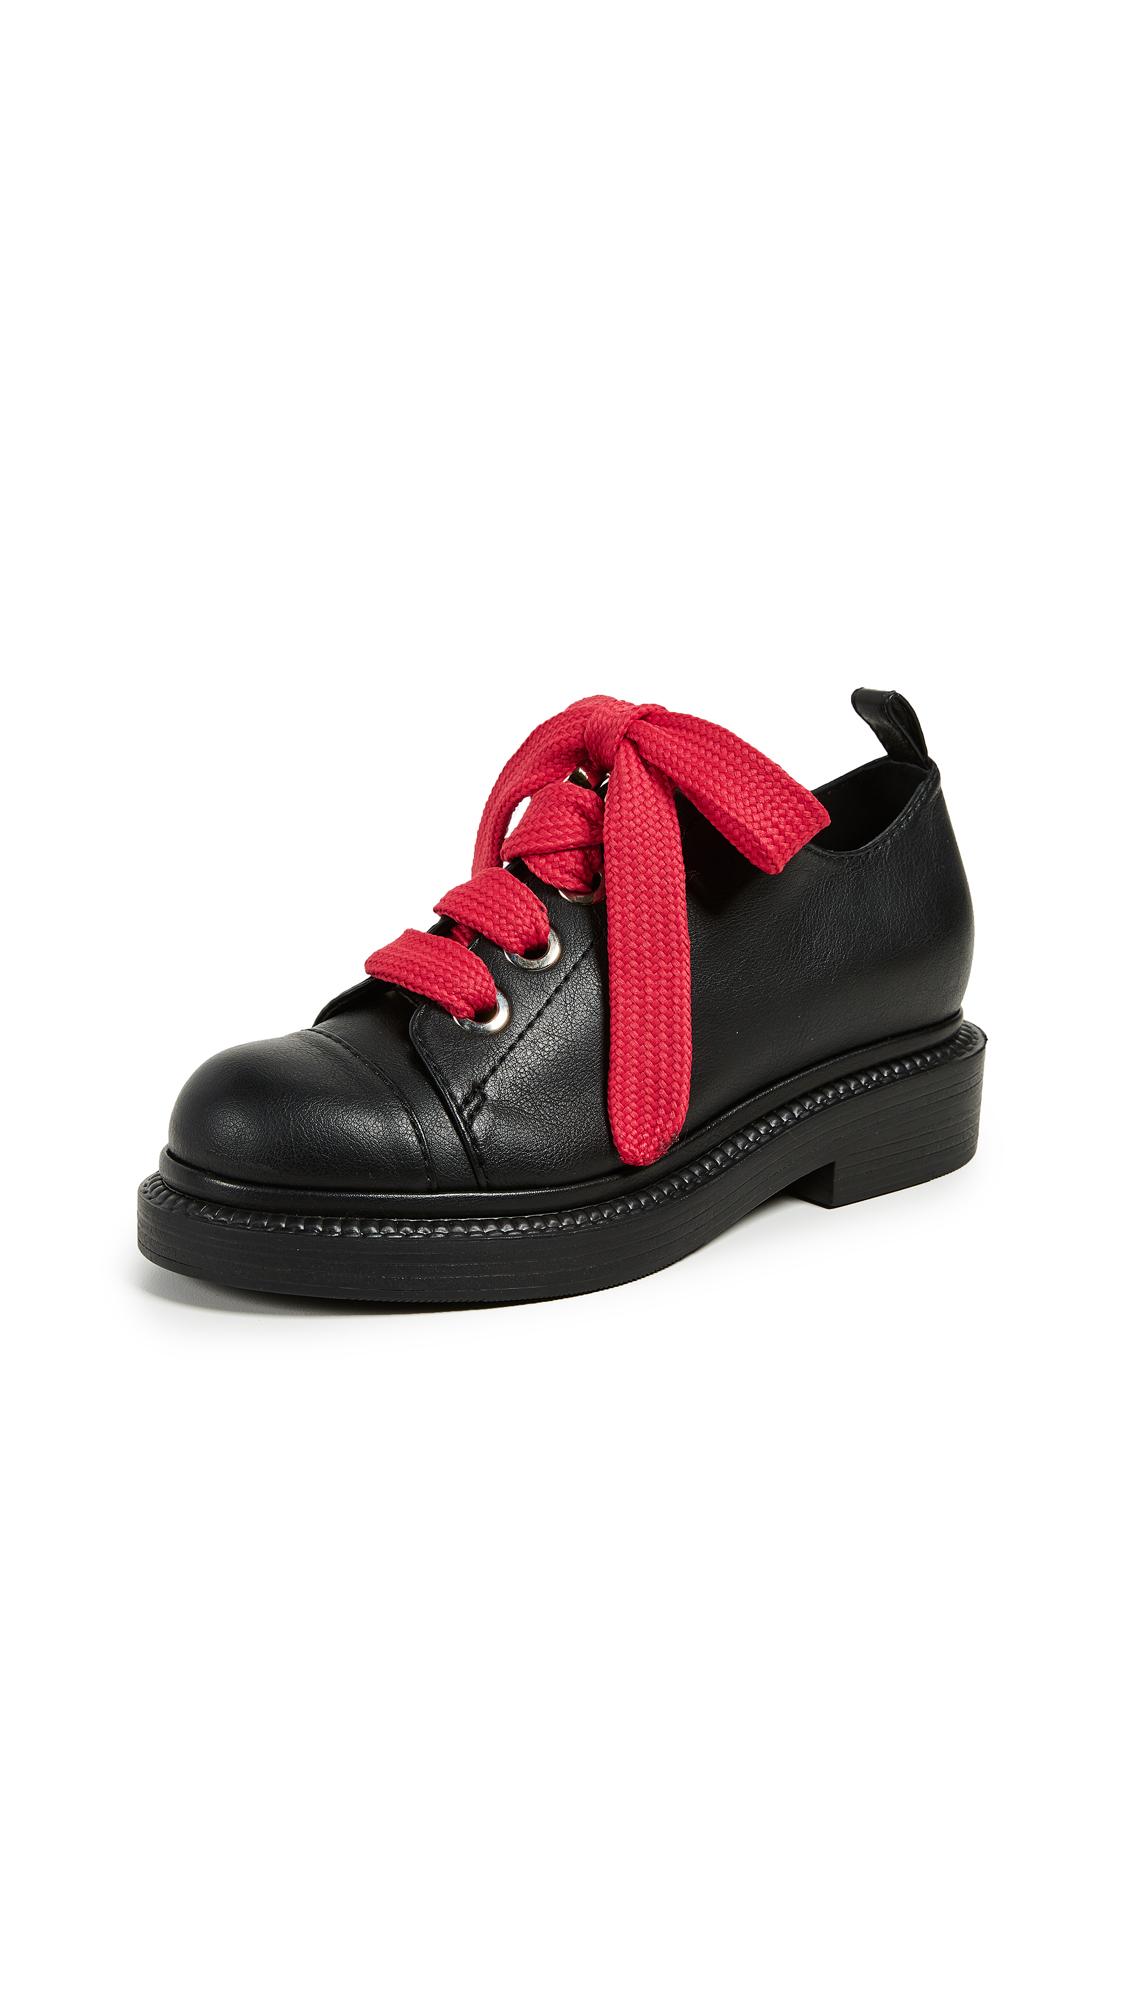 GREYMER Queen Sneakers in Roxy Nero